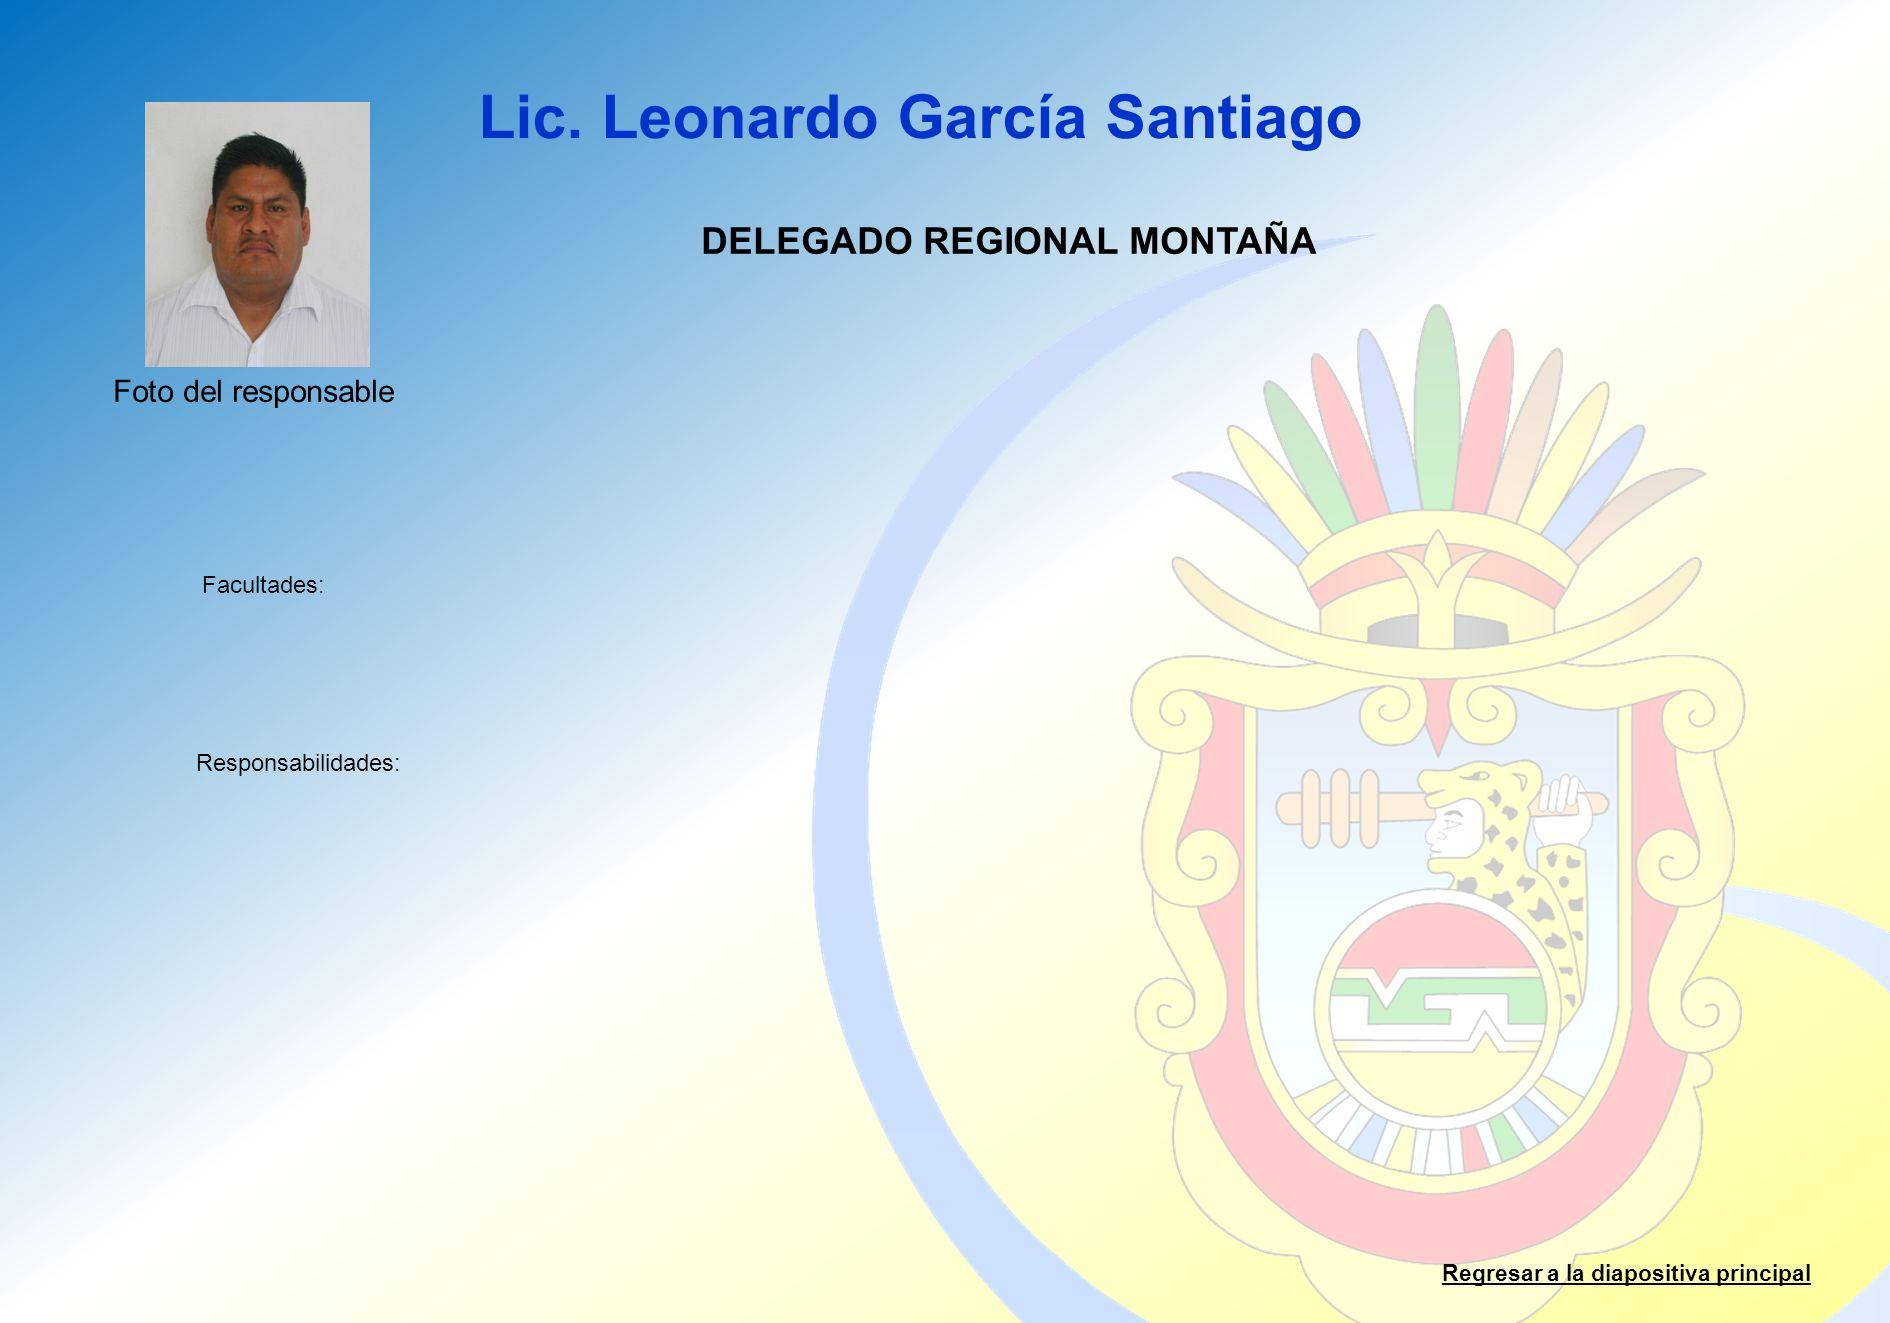 DELEGADO REGIONAL MONTAÑA